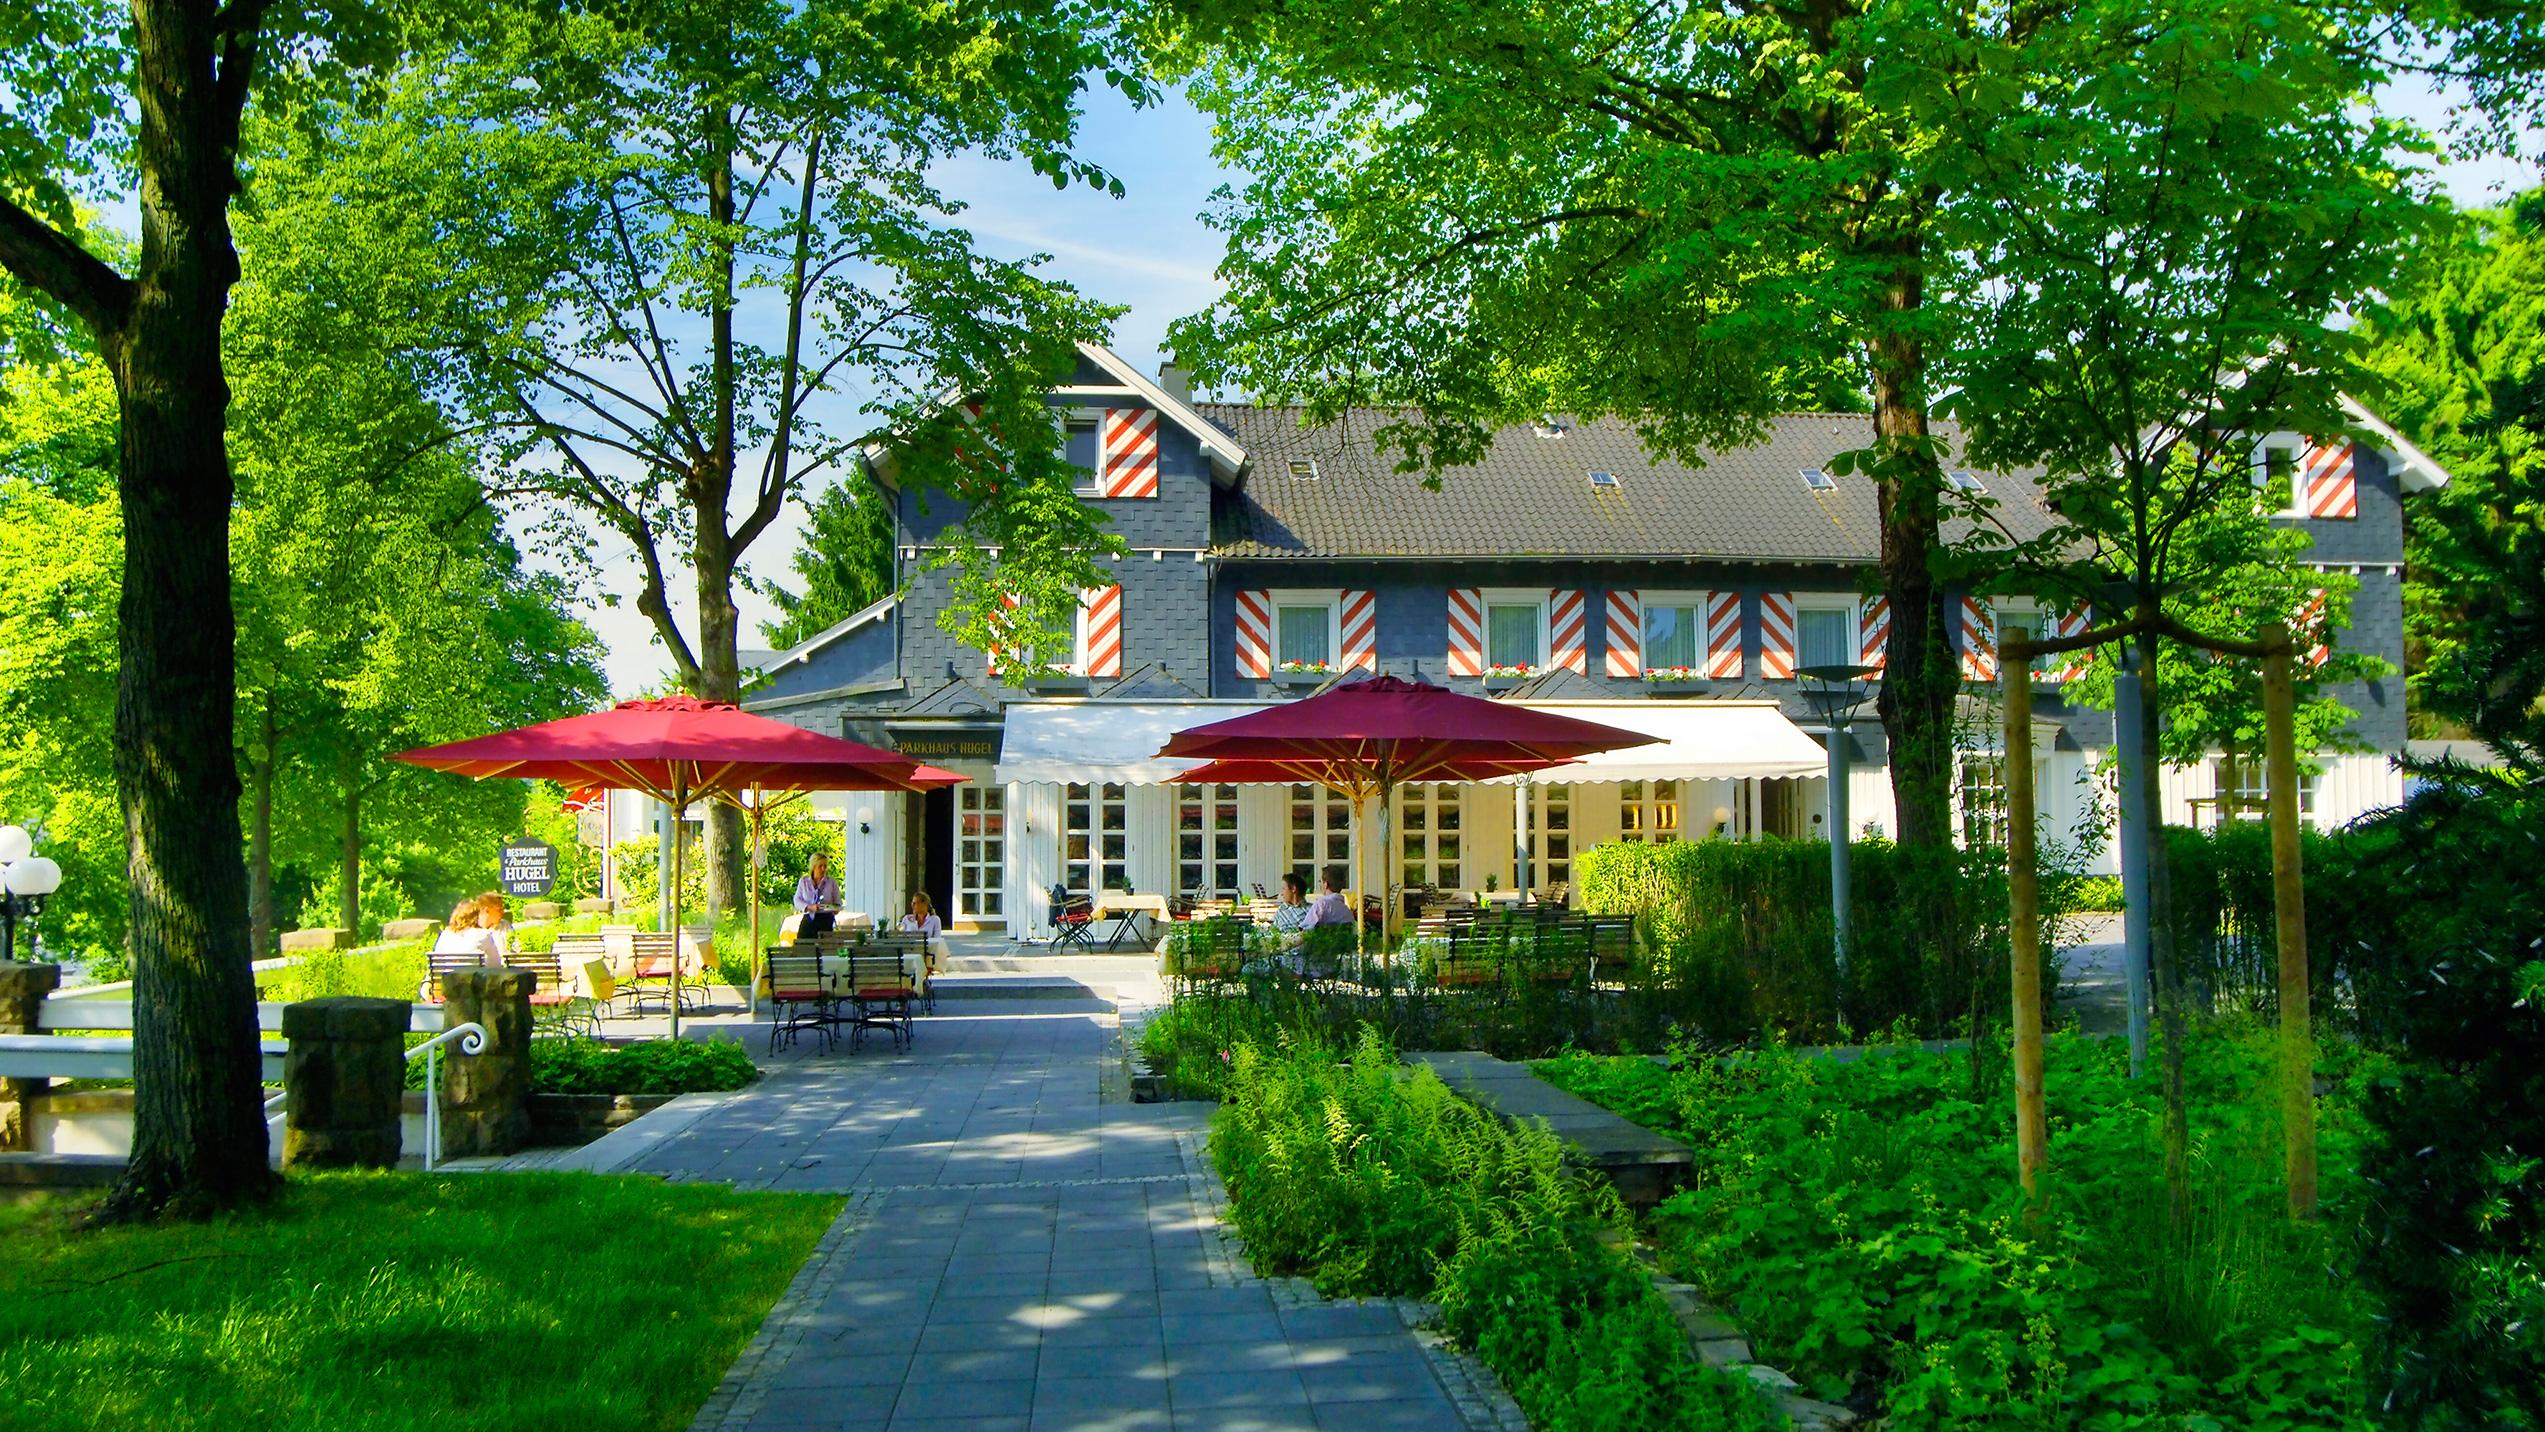 Villa Hugel Hotel